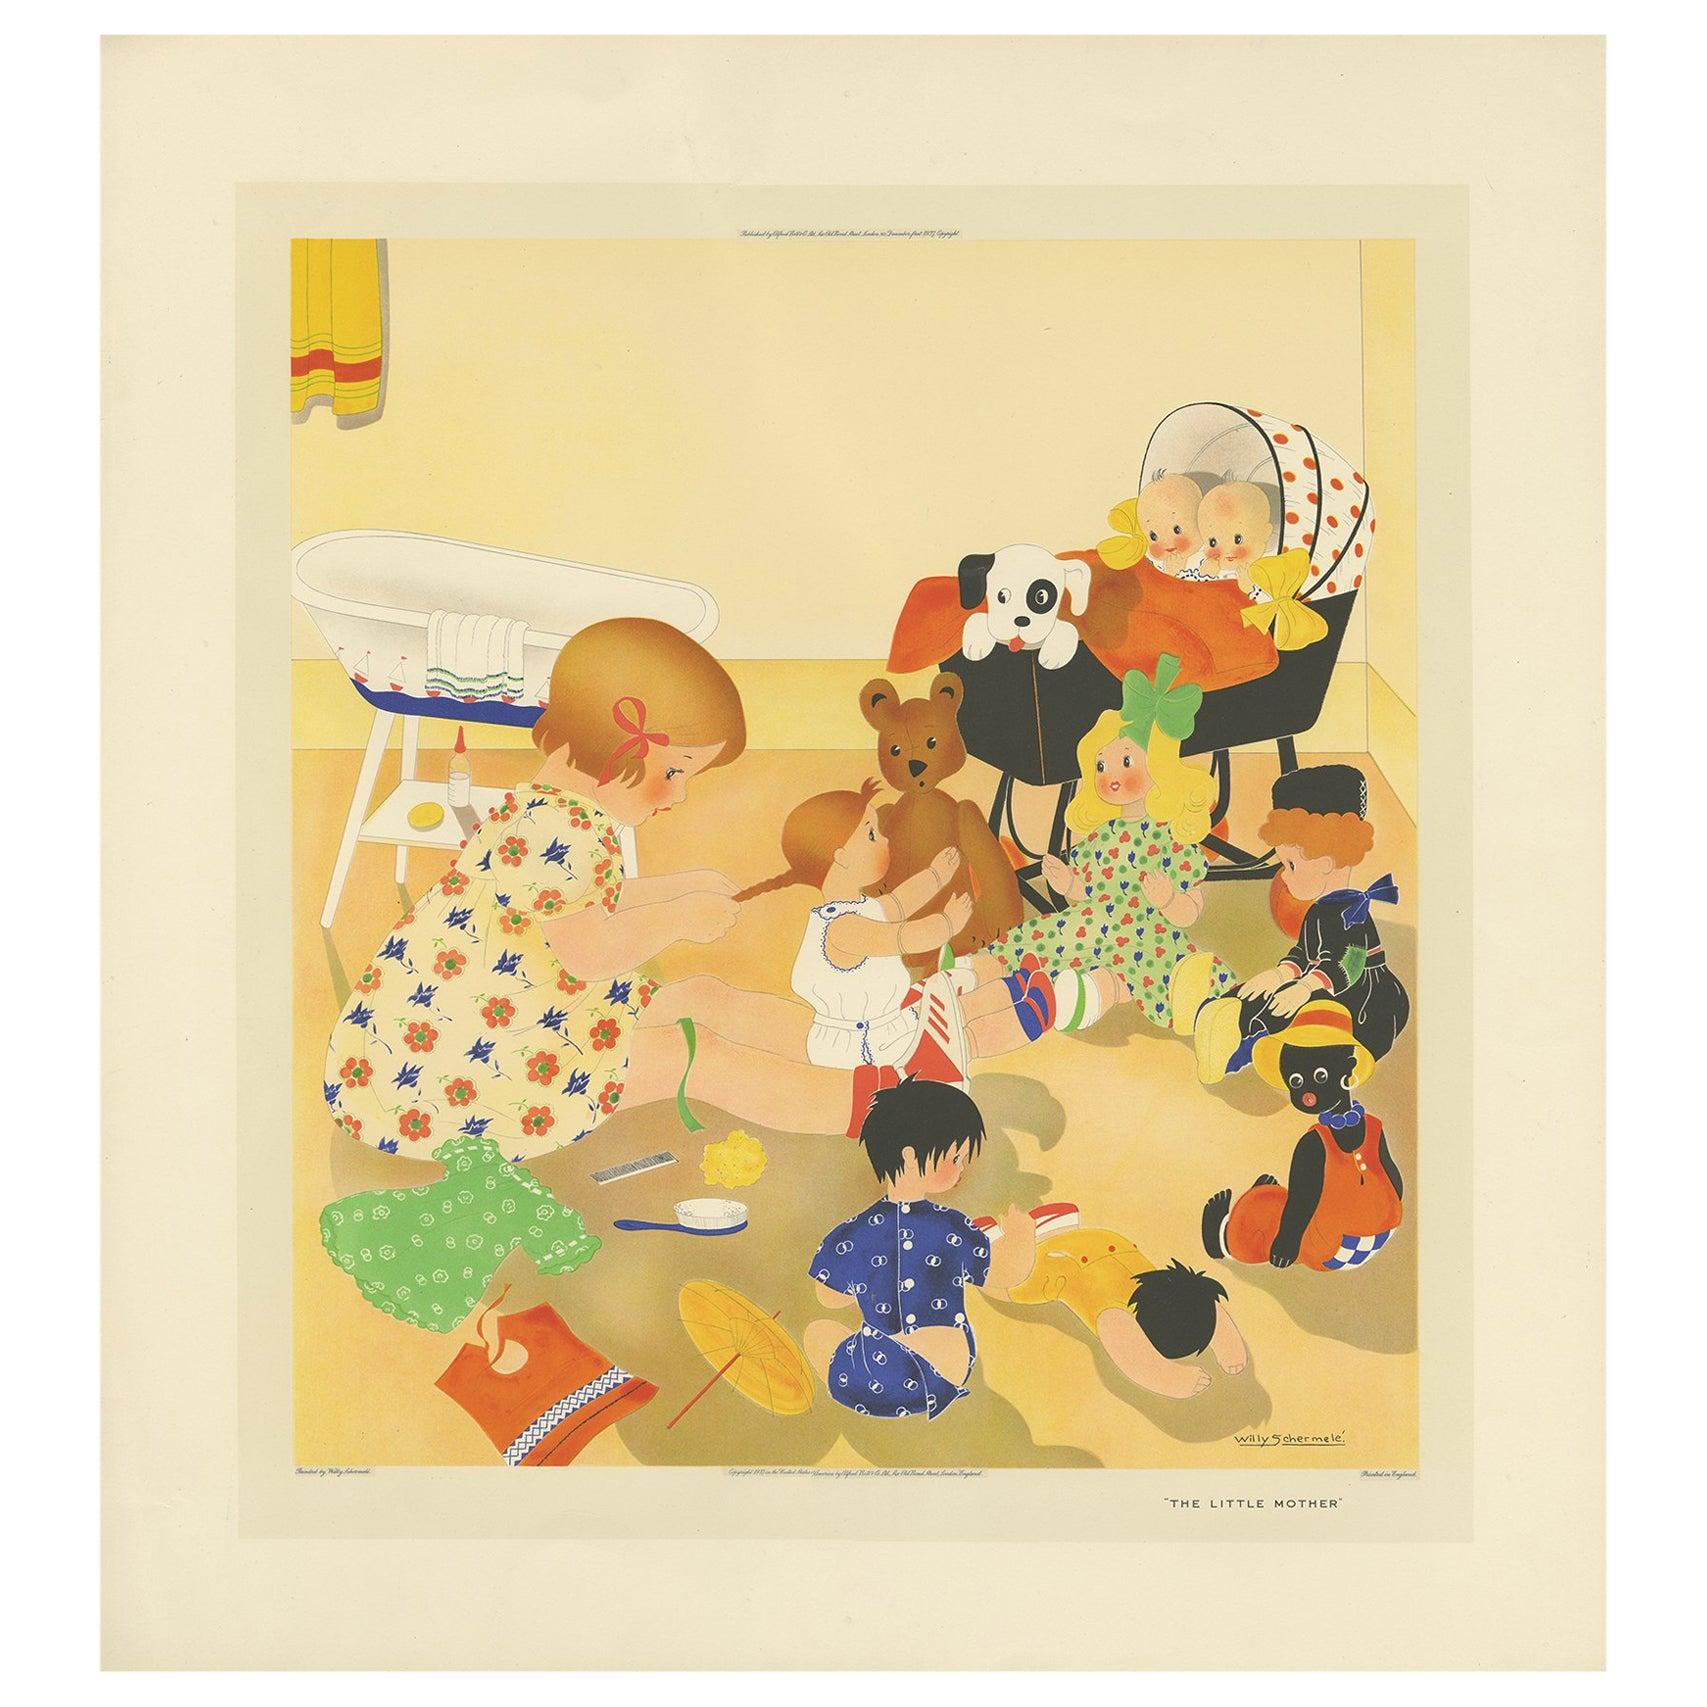 Antique Print 'The little Mother' by W. Schermelé, 1937